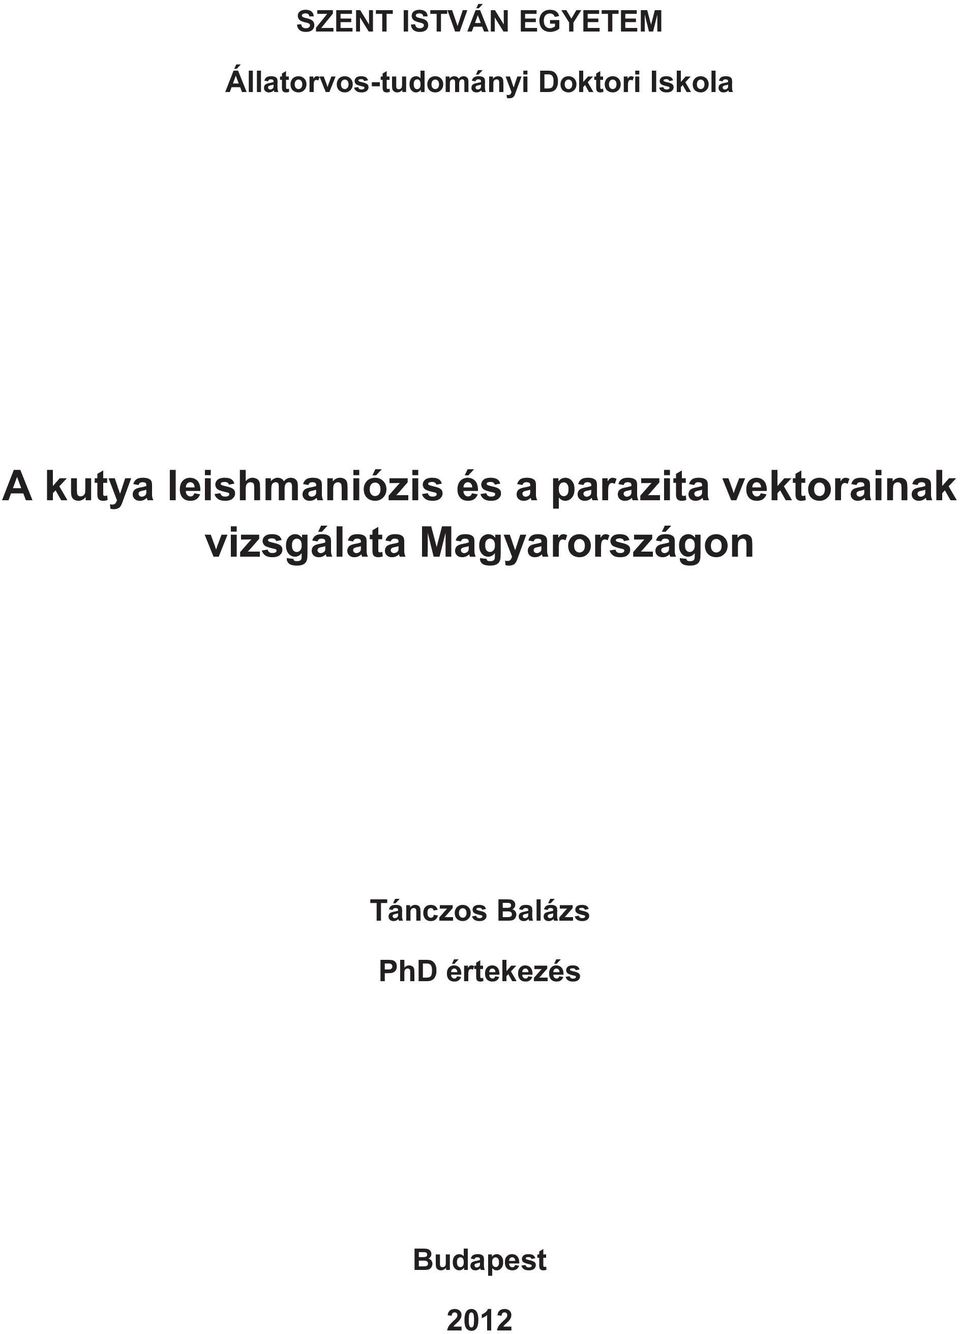 paraziták és vektorok szerzői